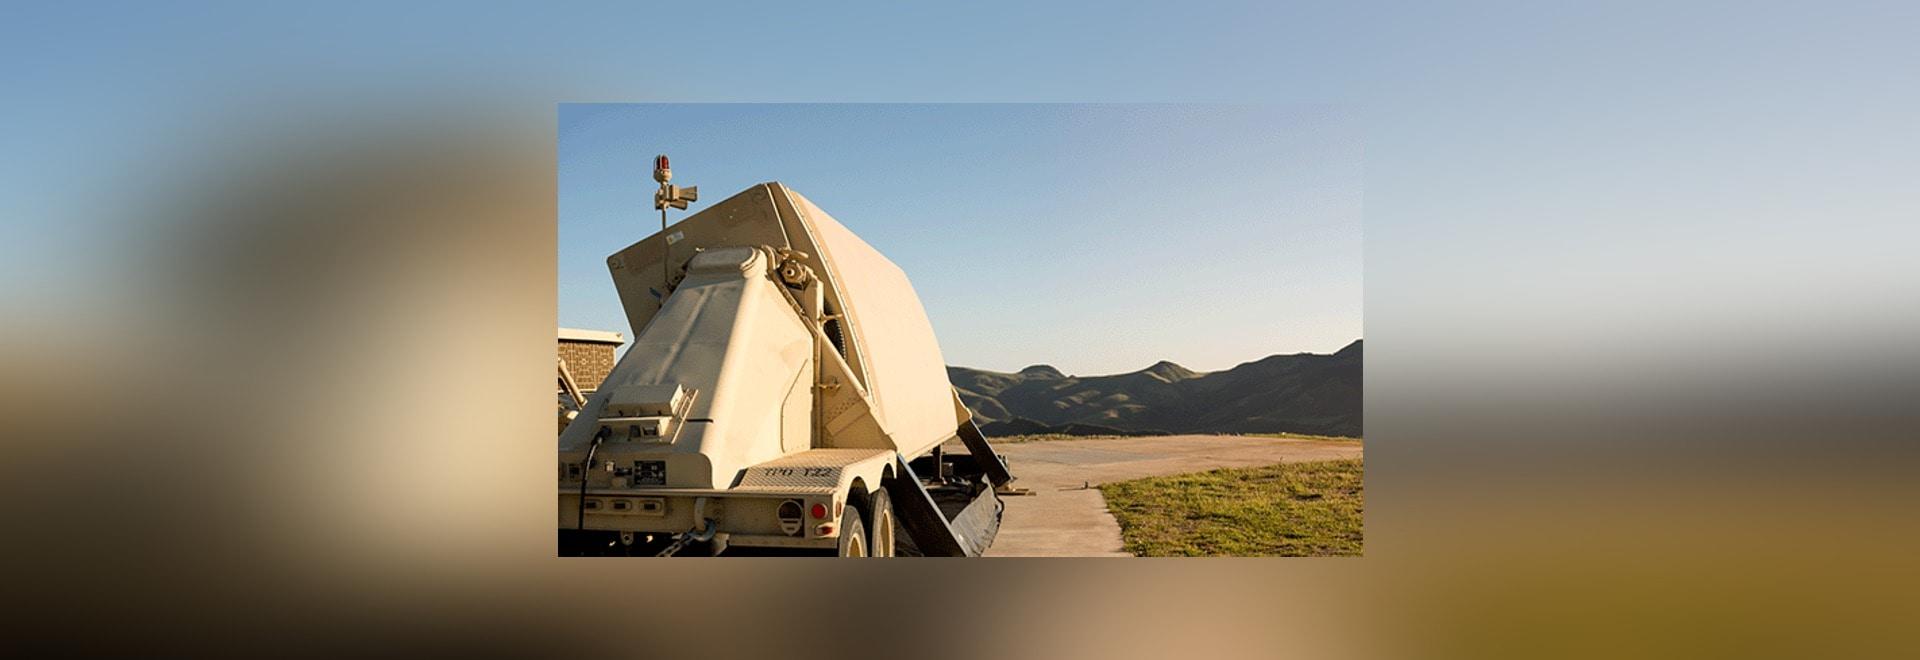 Raytheon a commencé à améliorer les unités de matériel électronique (EEUs) pour que les unités ballistiques du radar AN/TPY-2 fine-tune le cheminement des missiles balistiques dans des incursions à...